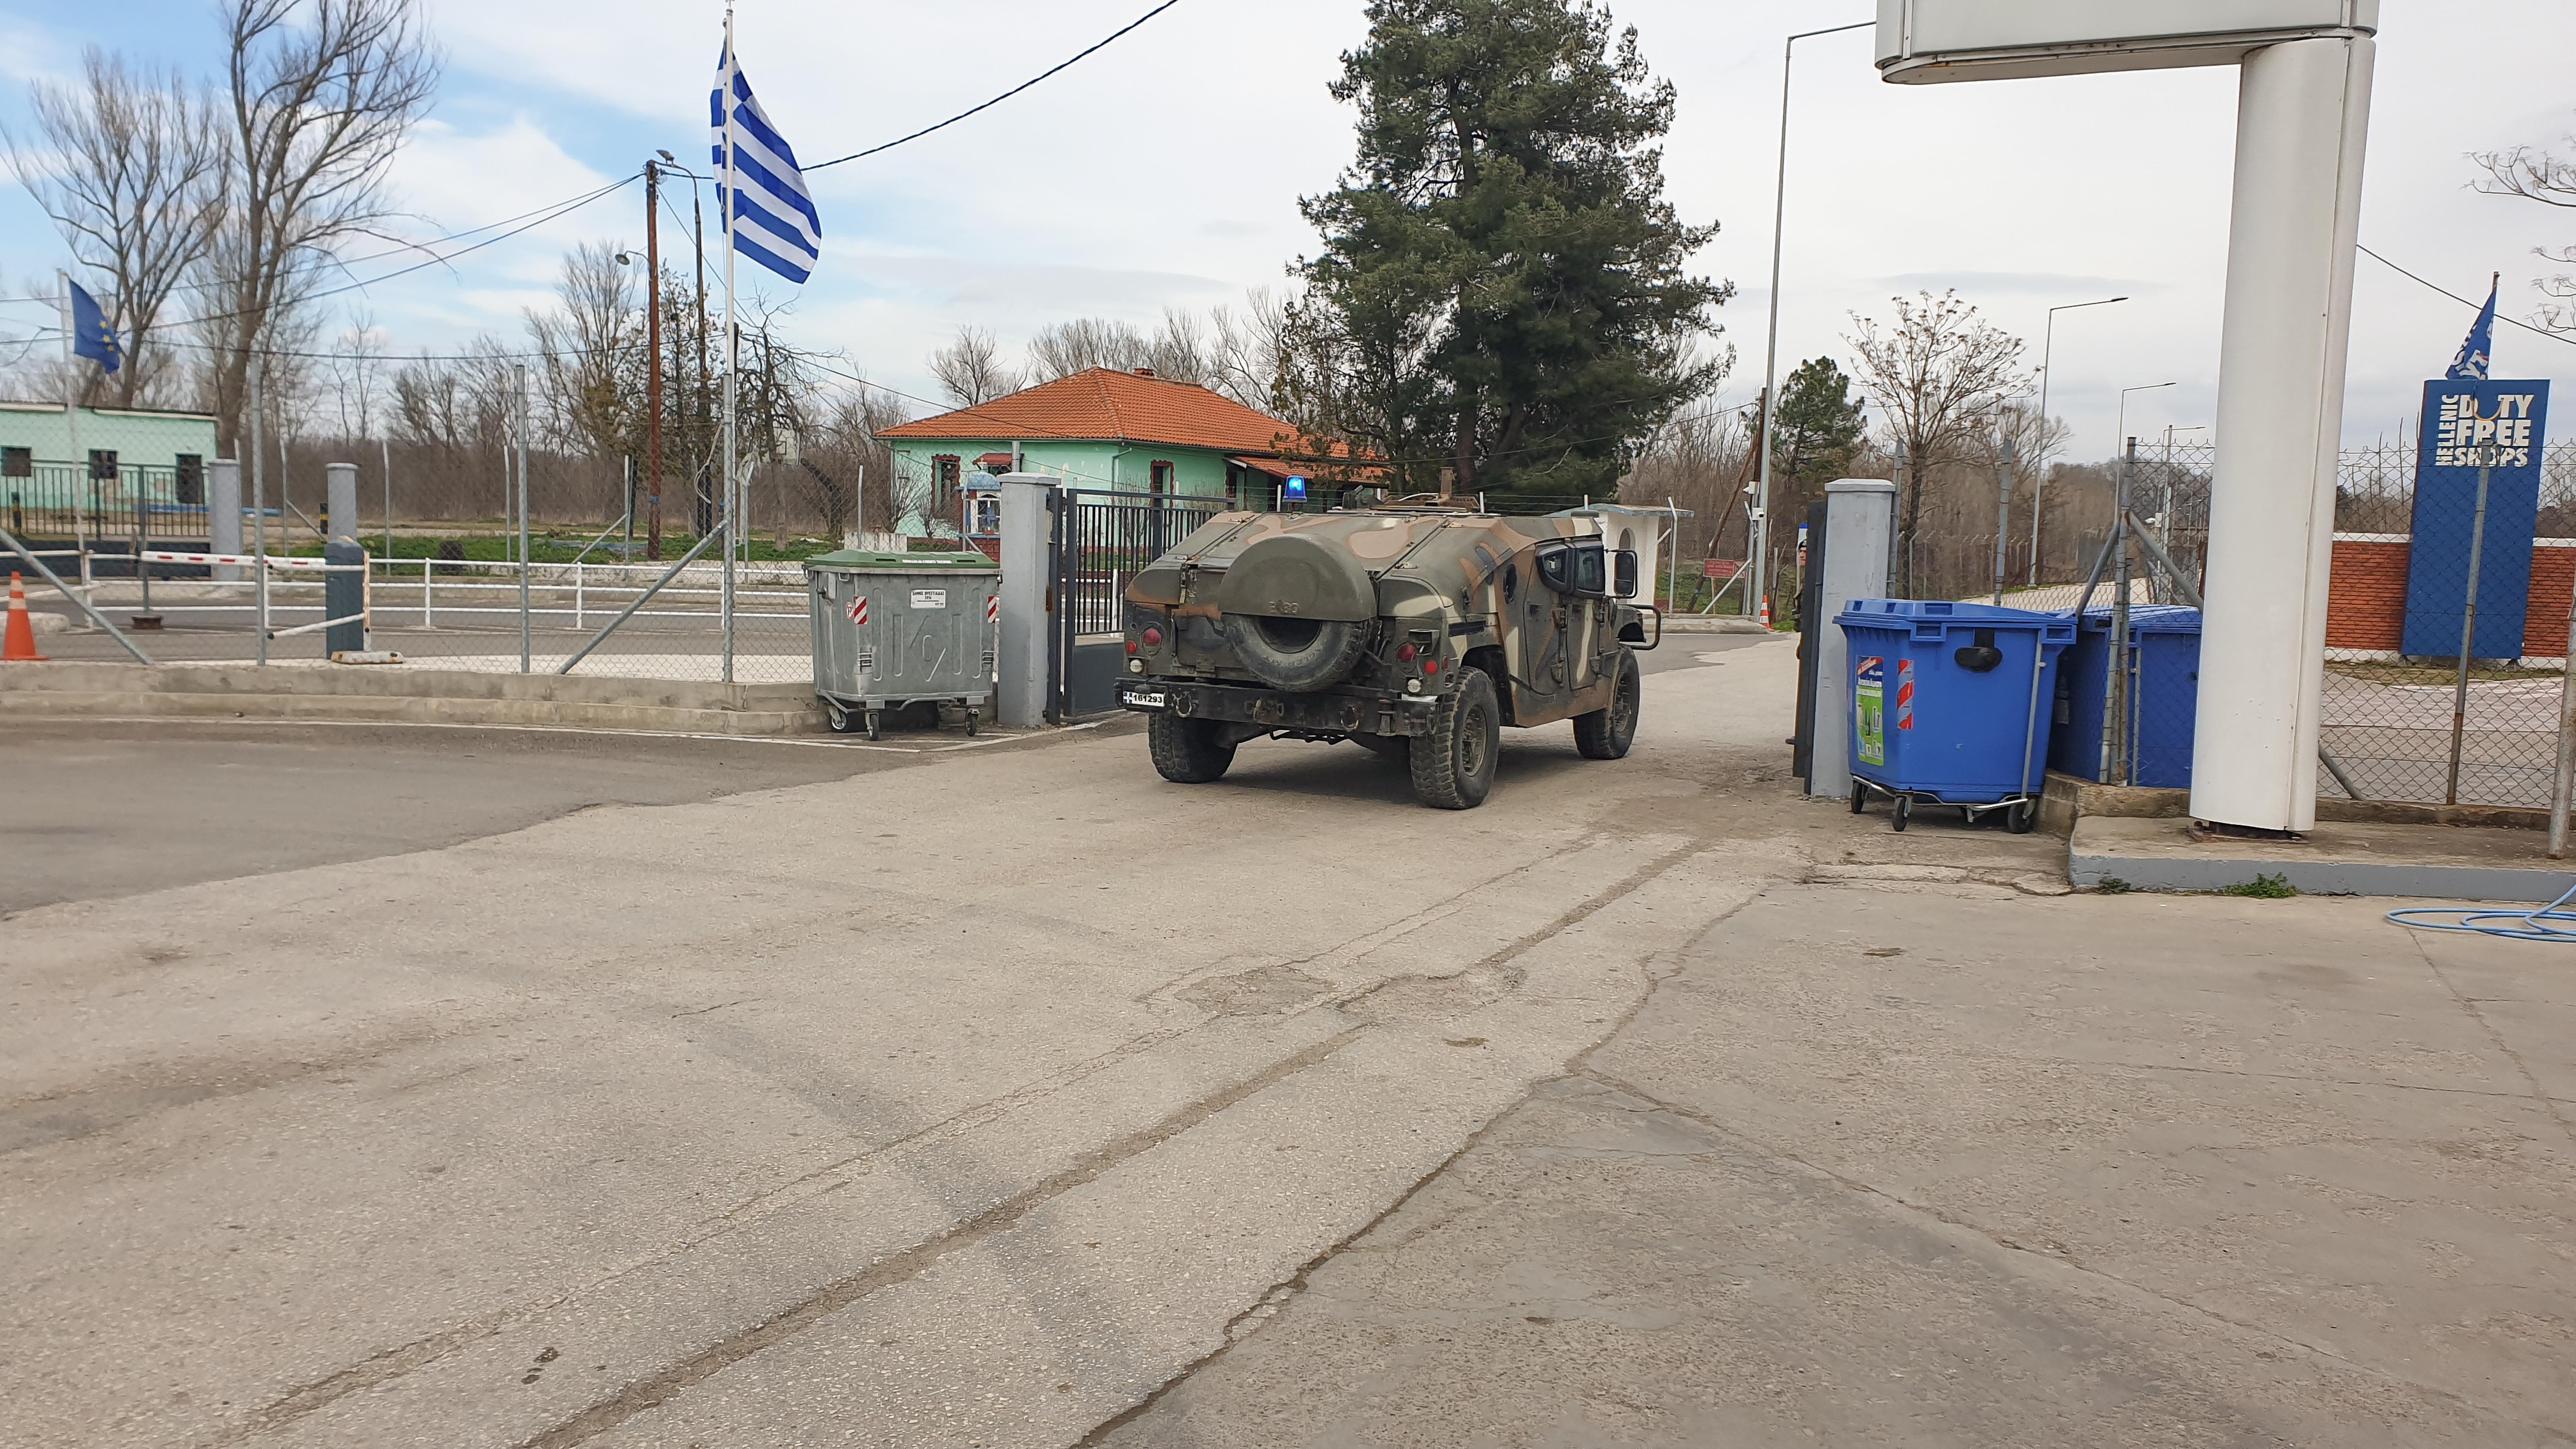 Ελληνικό τεθωρακισμένο όχημα στο τελωνείο Καστανιών Εβρου